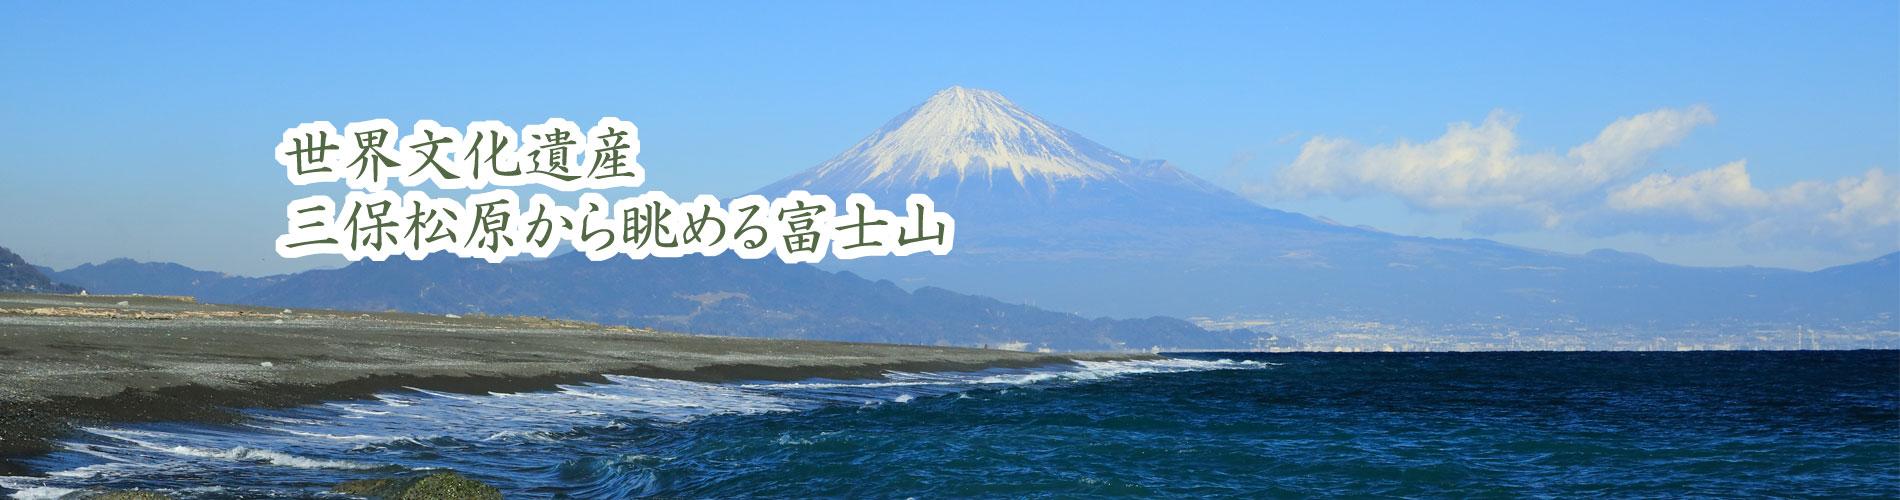 三保松原からながめる富士山